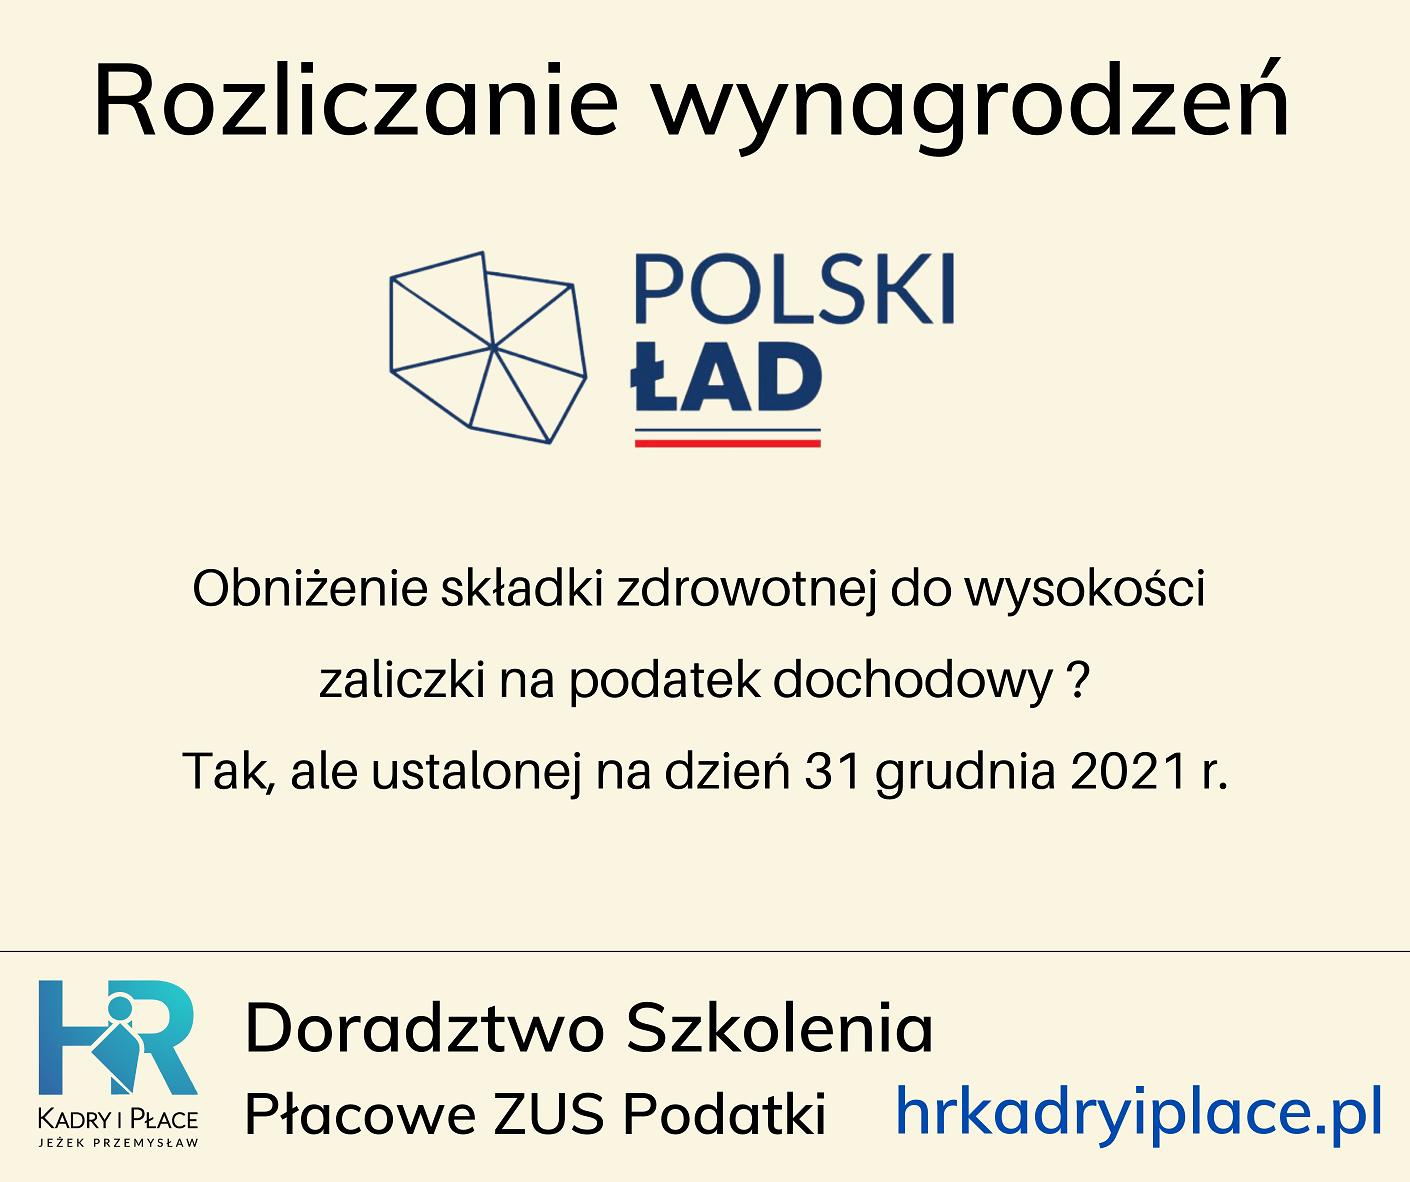 Polski Lad skladka zdrowotna do wysokosci zaliczki